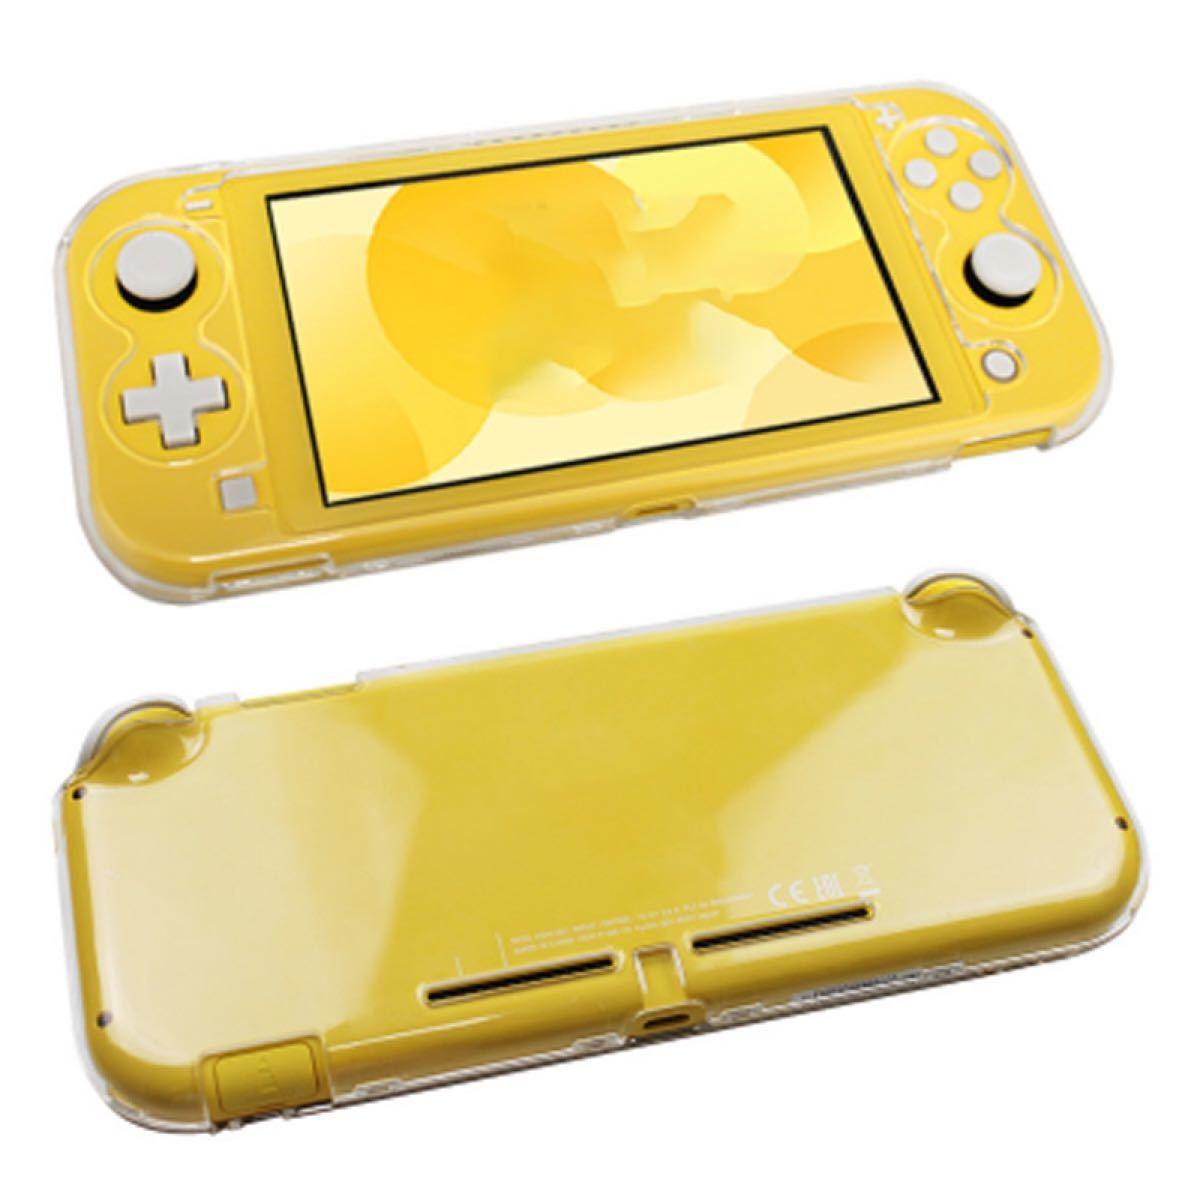 Nintendo スイッチライト クリアケース Switch 専用 ハードケース カバー